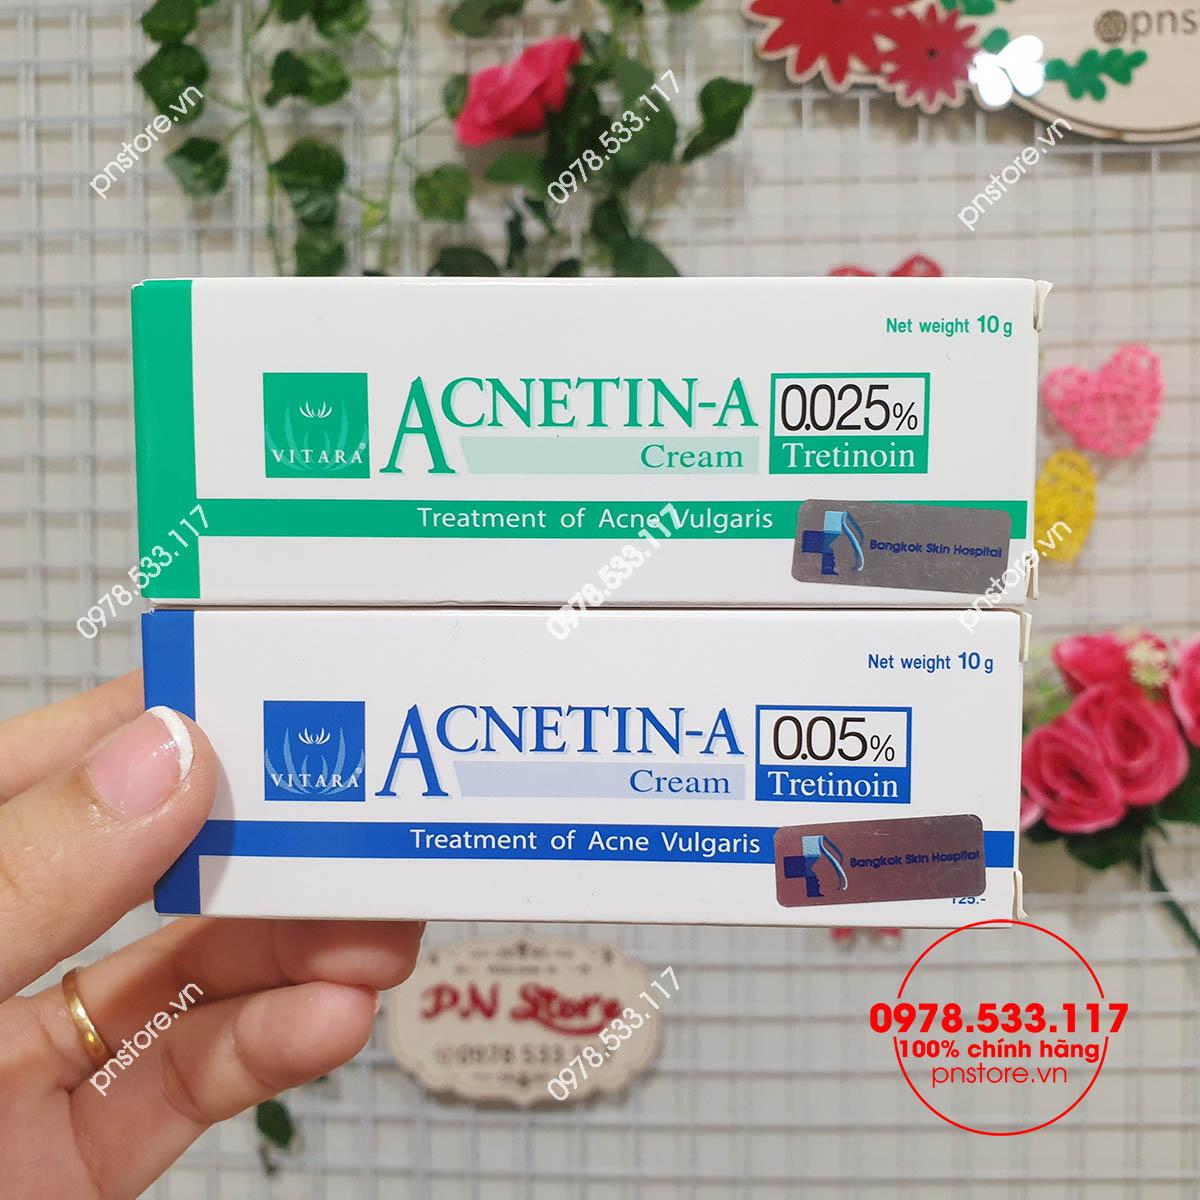 kem-tri-mun-tretinoin-vitara-acnetin-a-0025-005-chinh-hang-thai-lan-10g